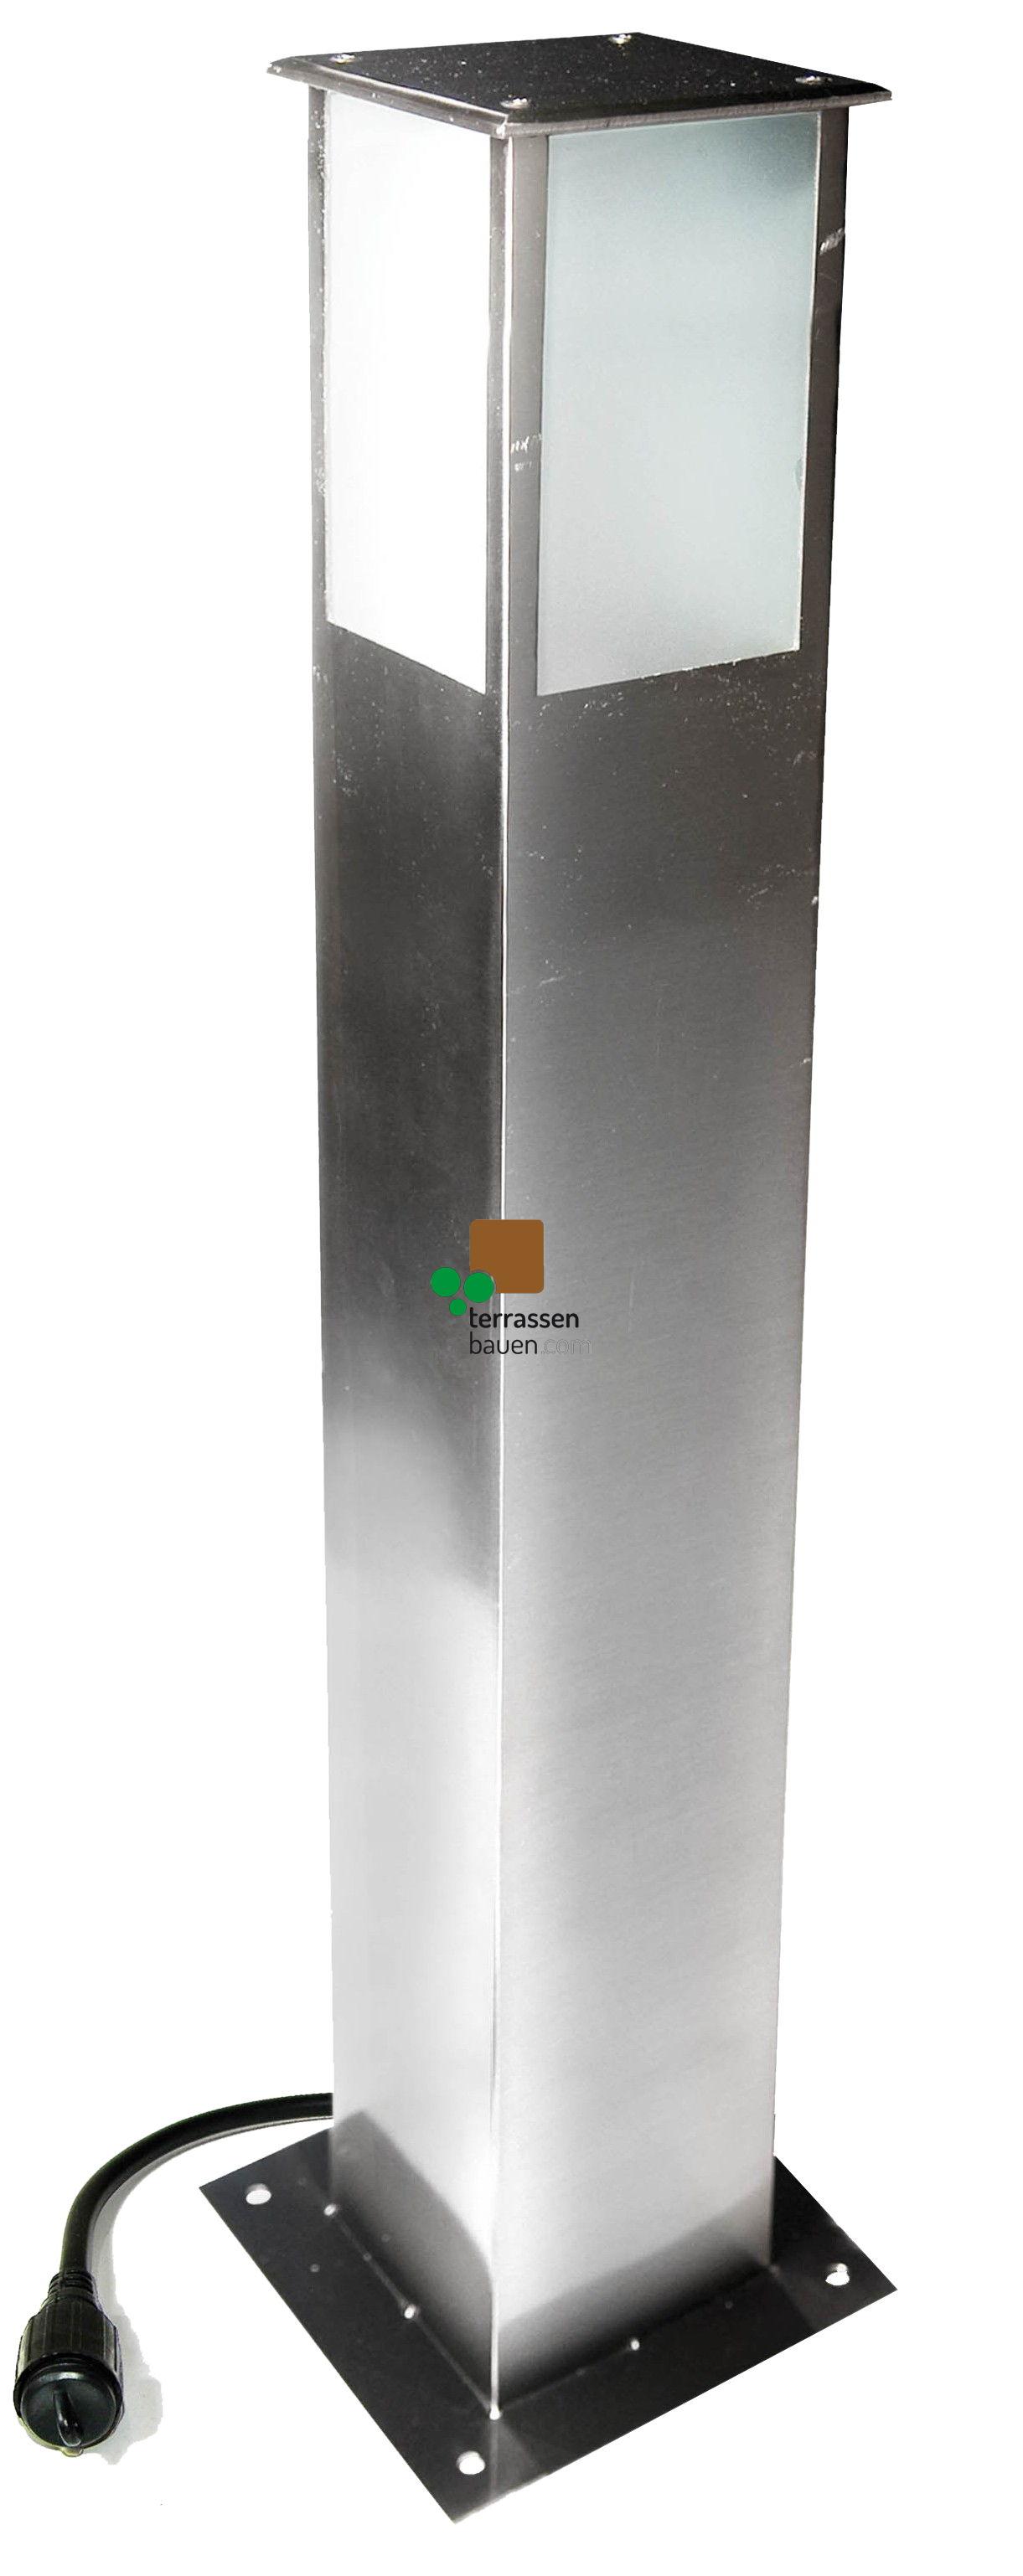 """EasyConnect Edelstahl Standleuchte """"Square"""", 10x10cm, 70cm hoch, 5W, 230VAC, 1 Stück"""